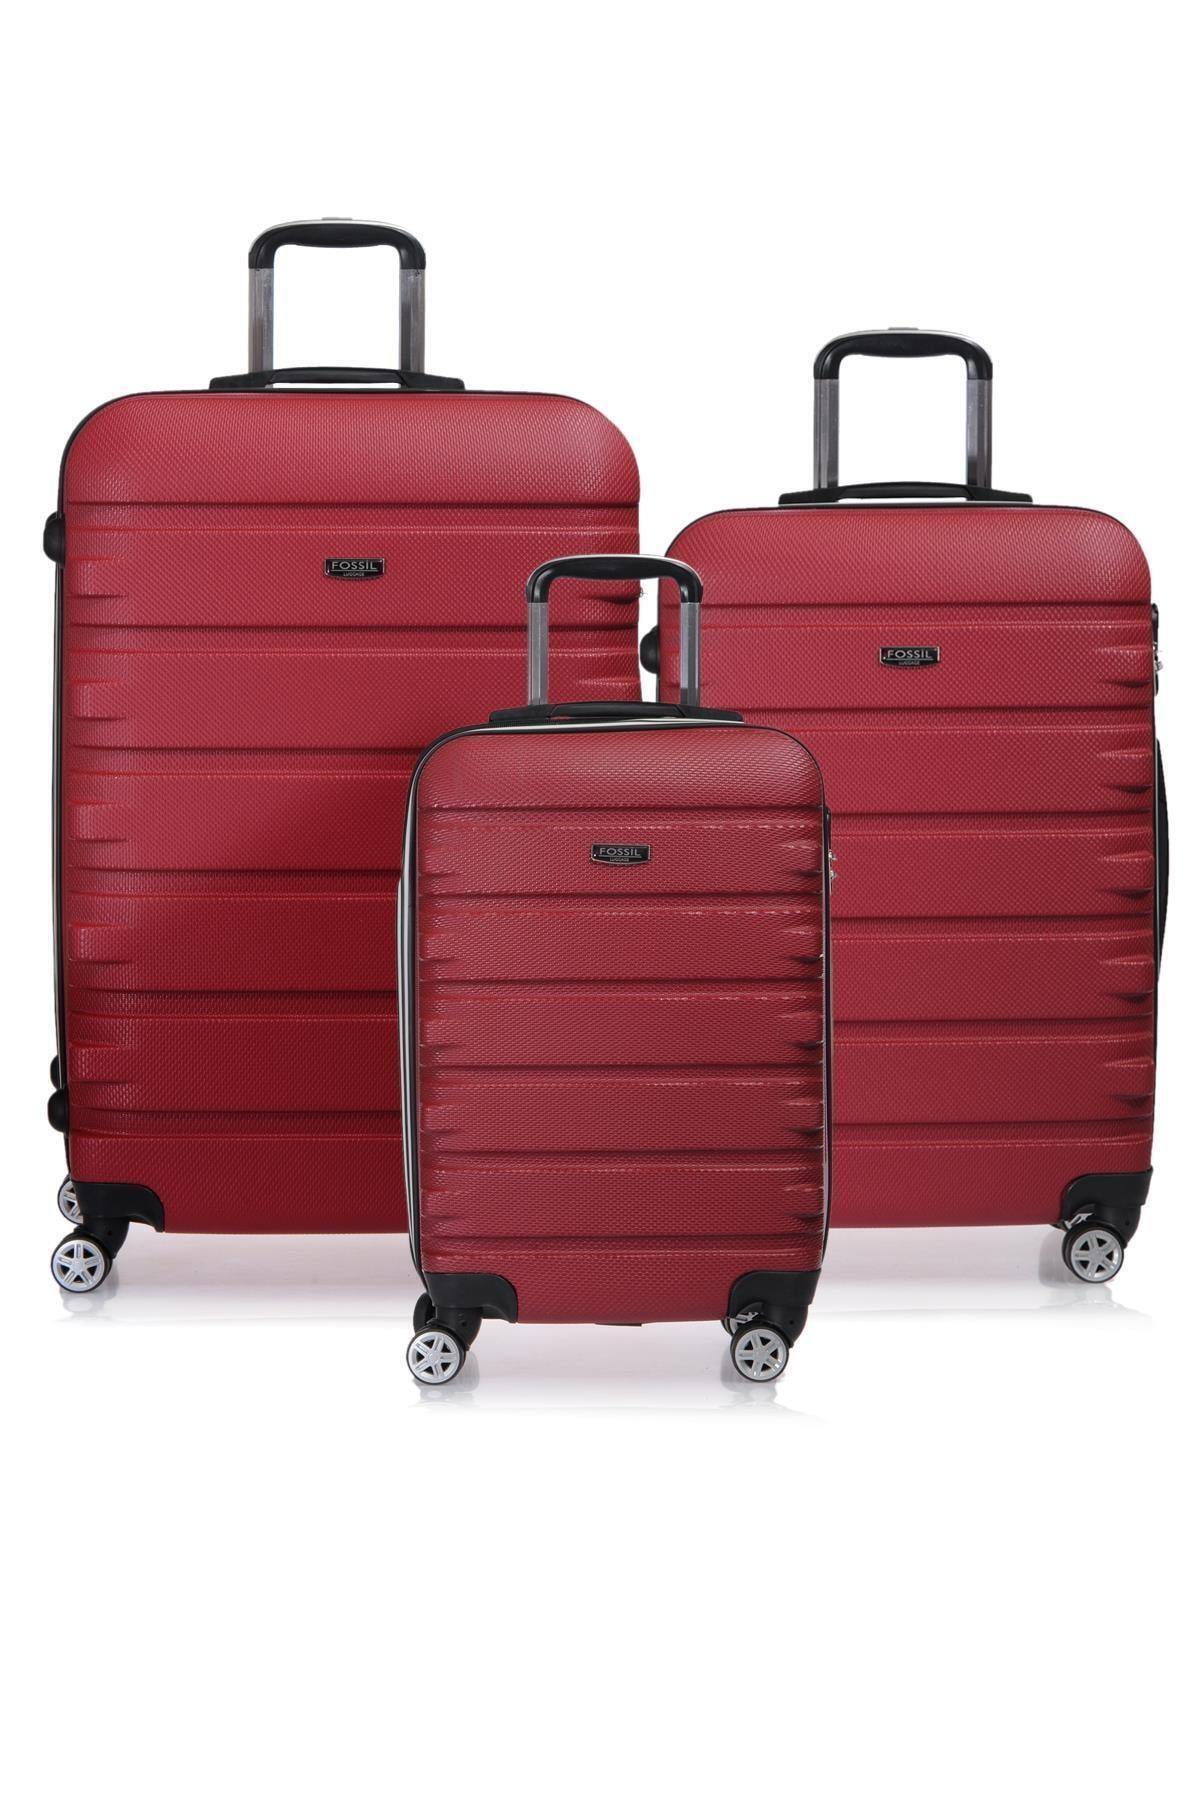 Fossil Fsy1116-set Kırmızı Kırmızı Unısex 3 Lü Set Valiz 2